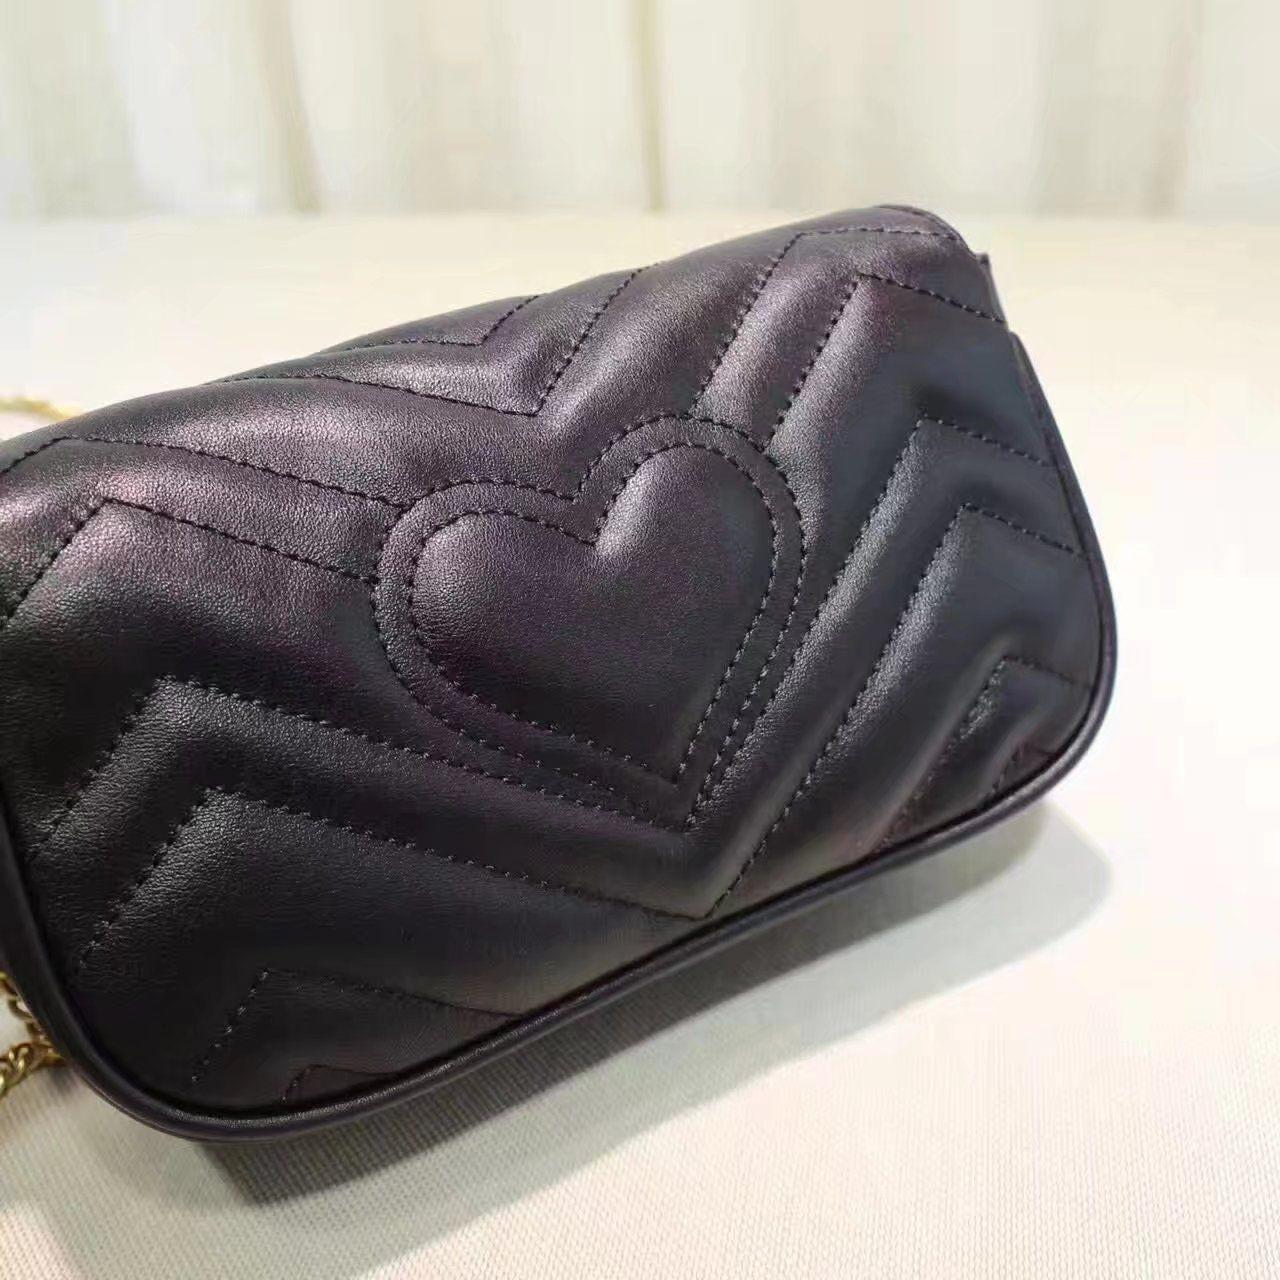 07a95e35675 Replica GUCCI GG Marmont matelasse leather super mini bag Black ID 31675